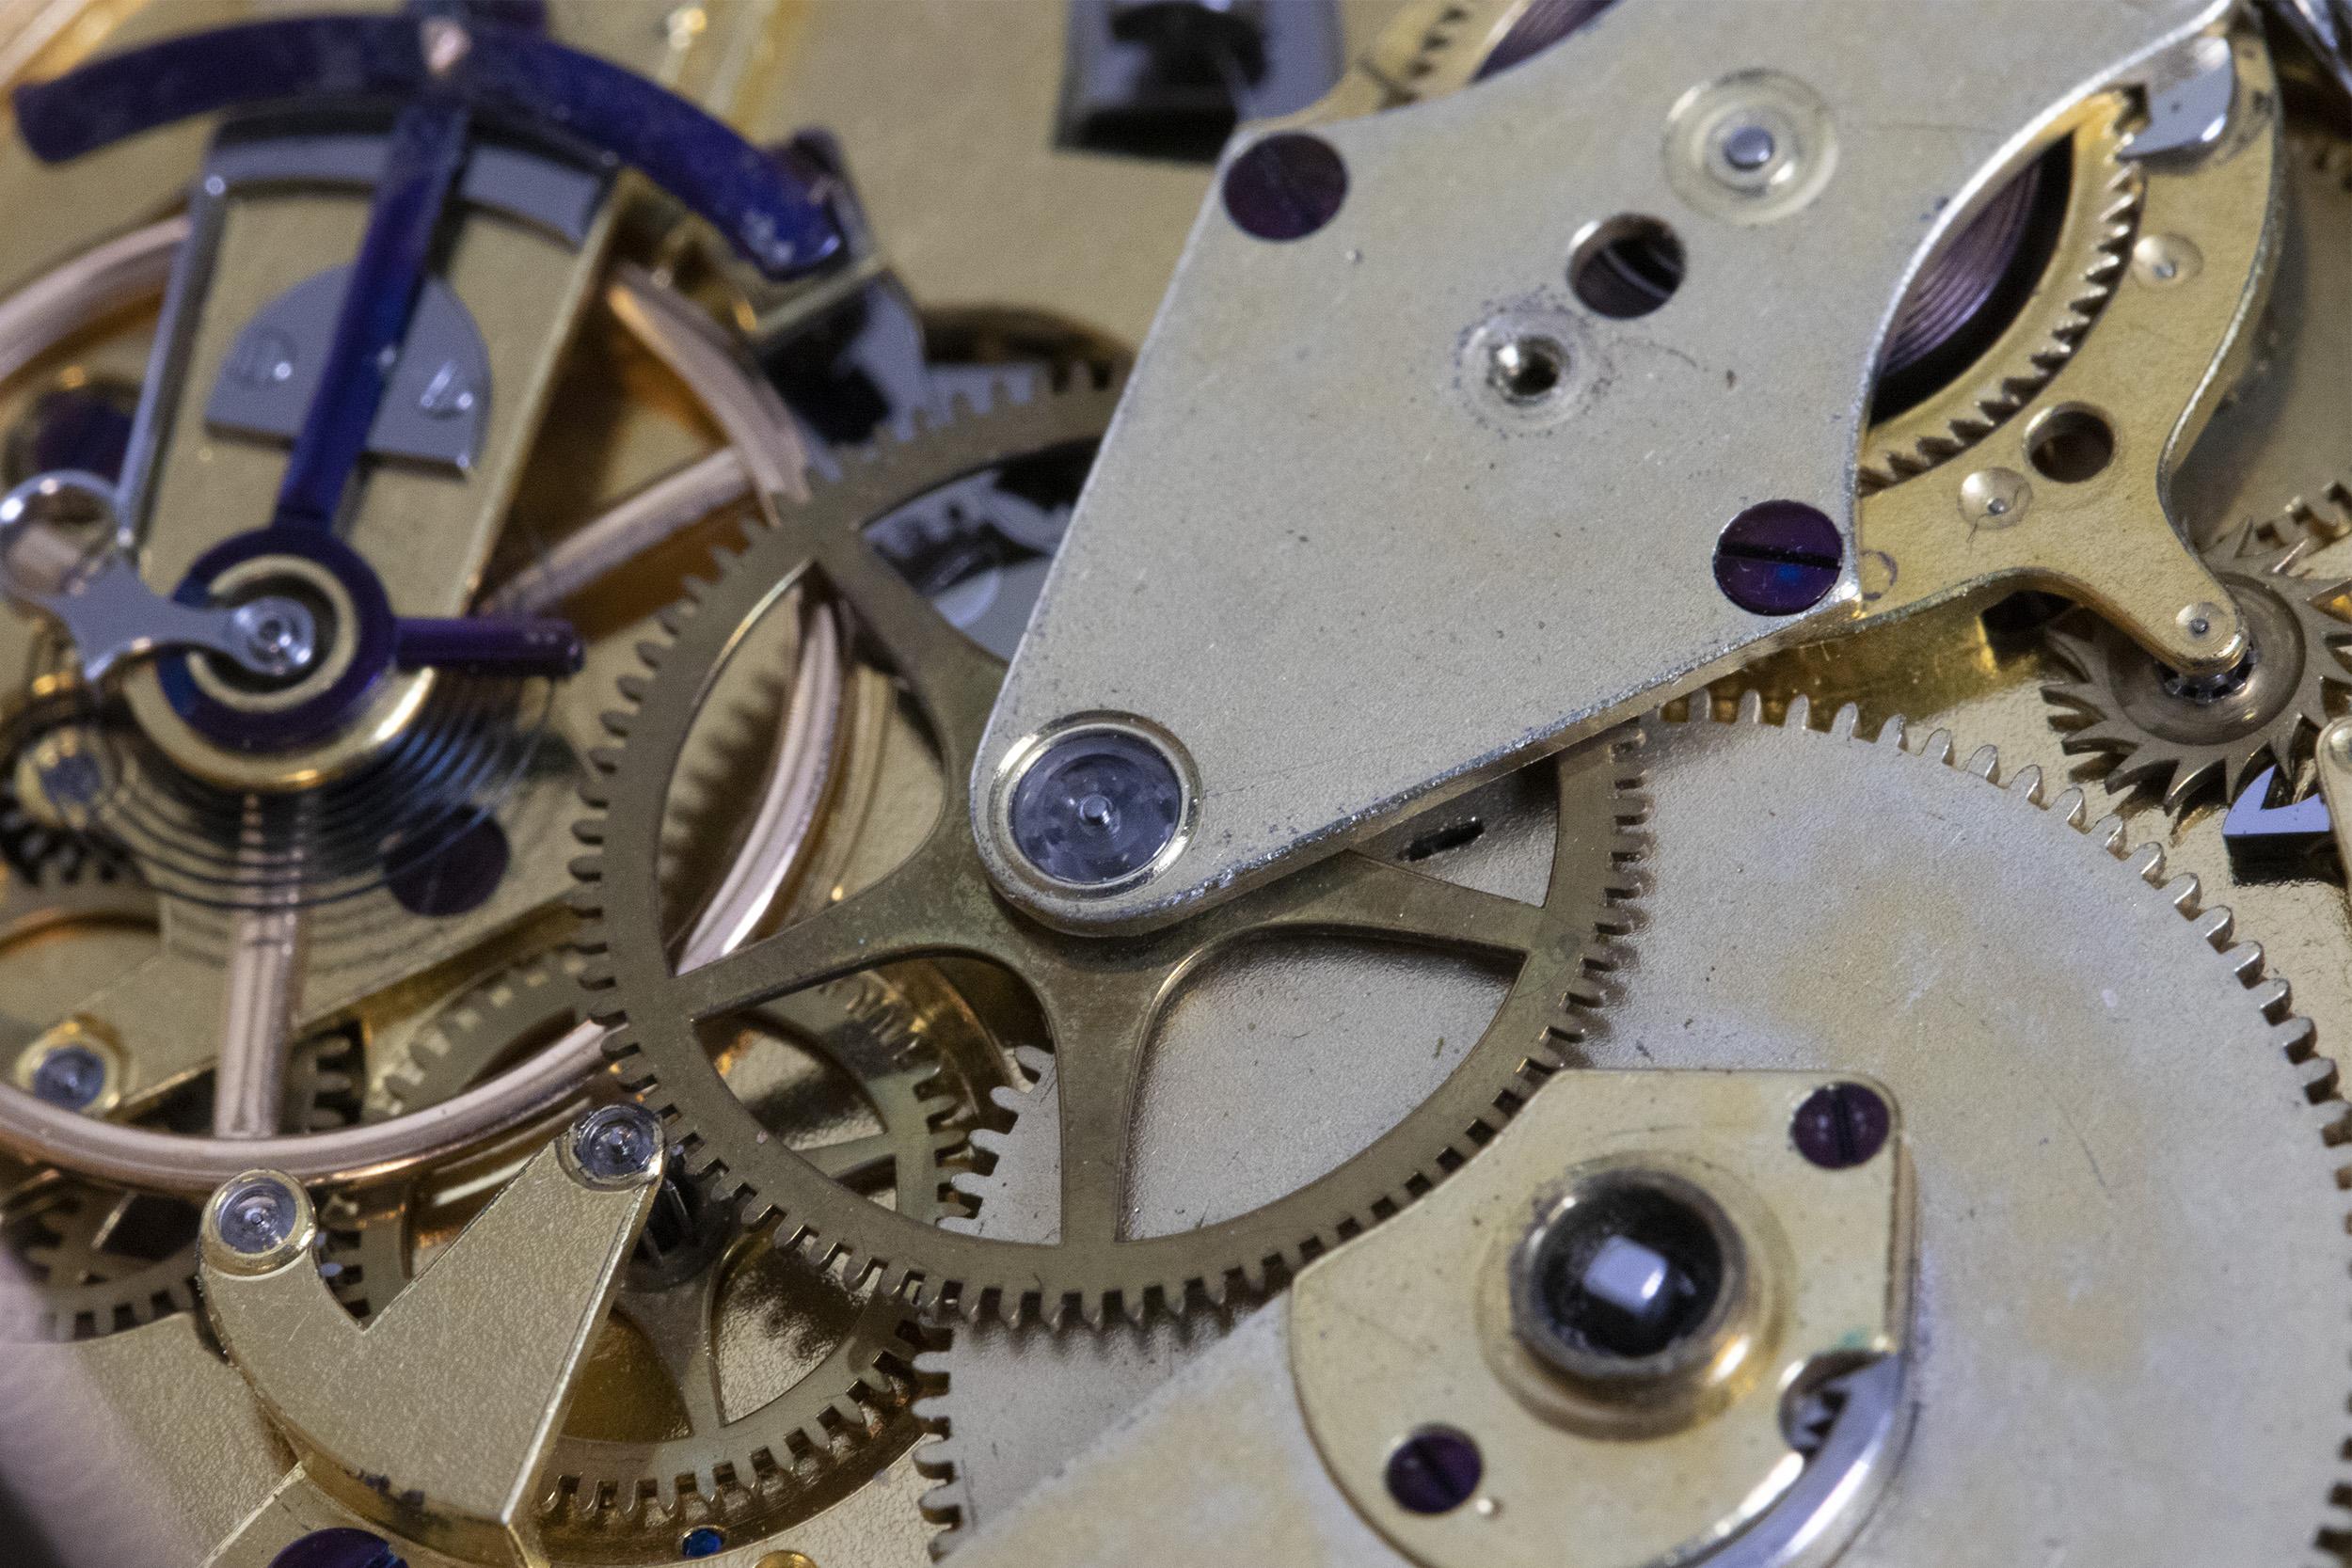 Breguet N°3190, vendue en 1819 au Baron de Vietinghoff 40908051883_9ffeabb432_o